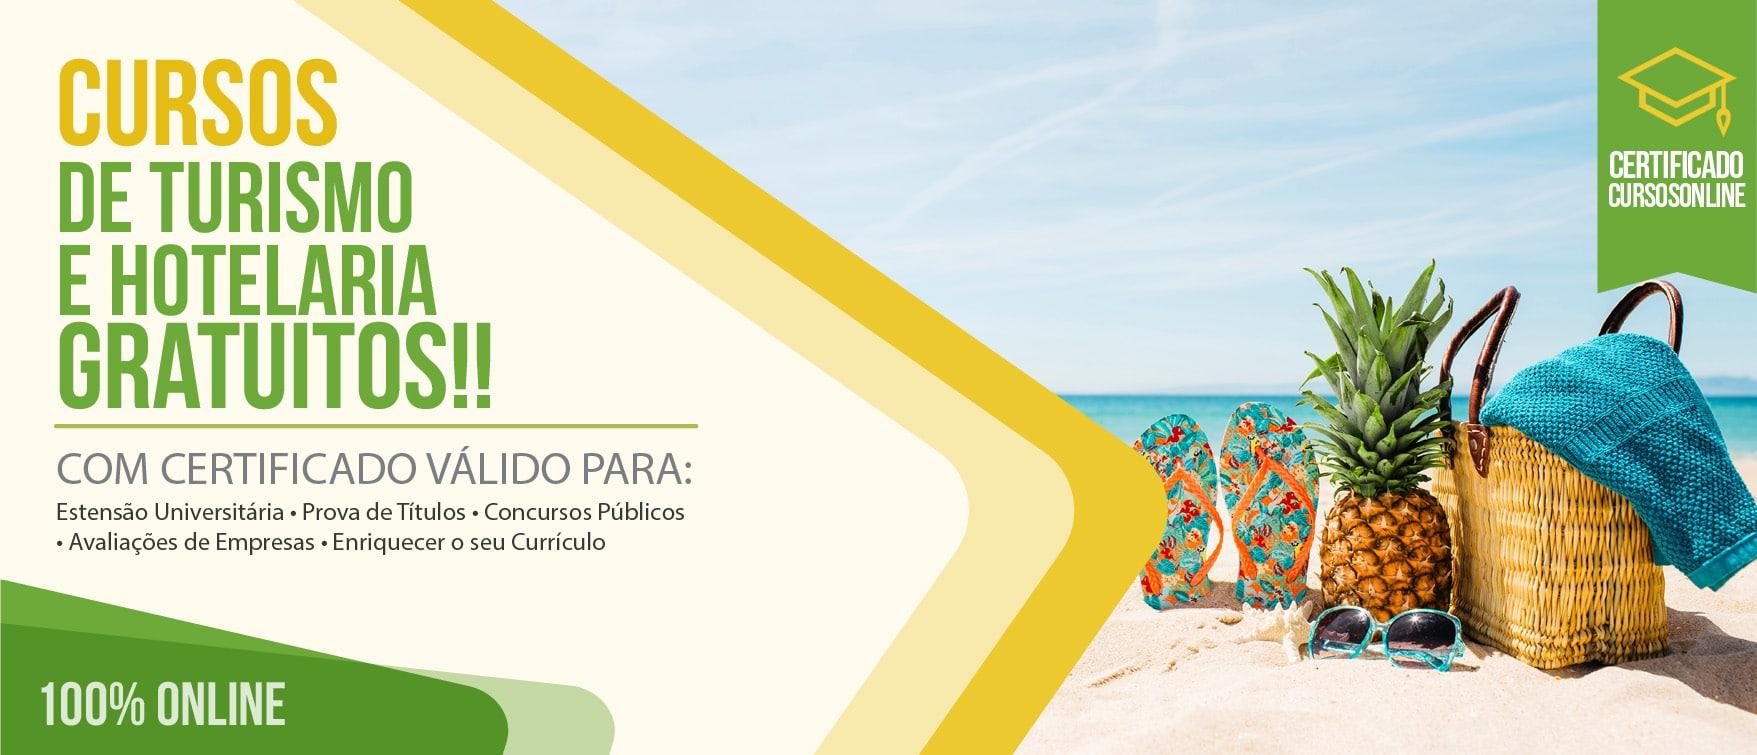 Cursos de Turismo e Hotelaria